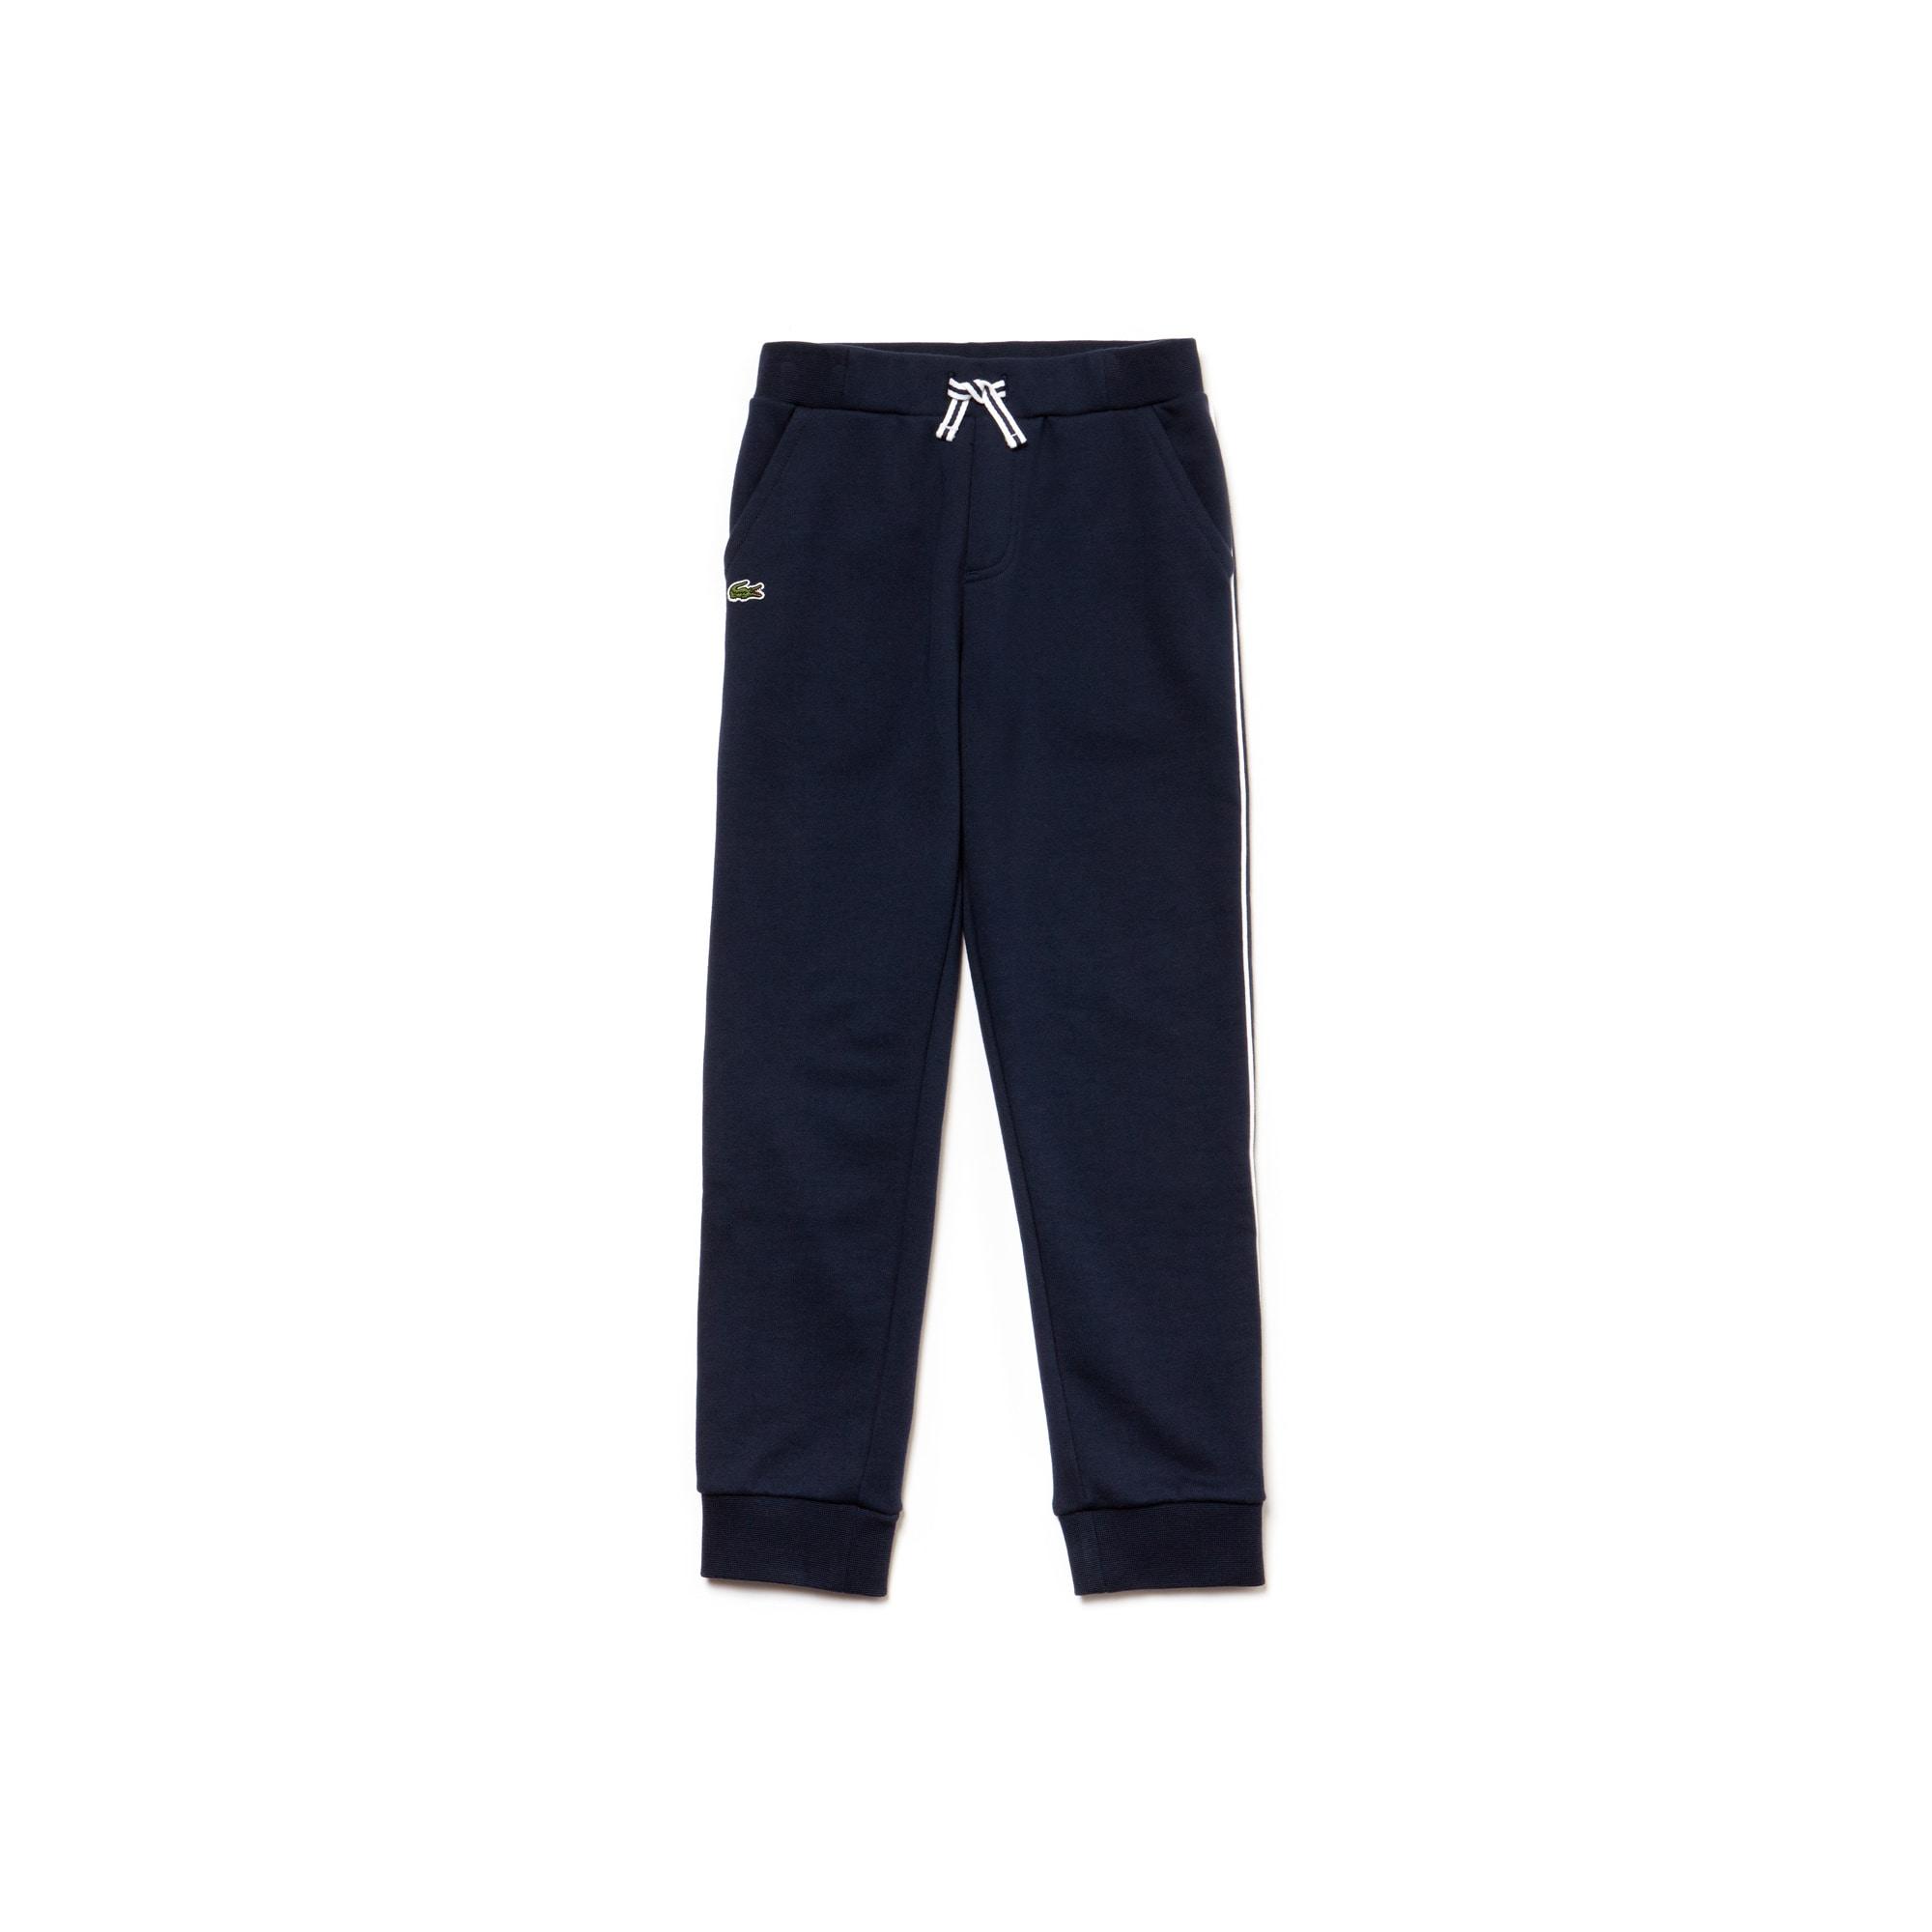 Pantaloni da jogging Bambino in mollettone con fasce a contrasto